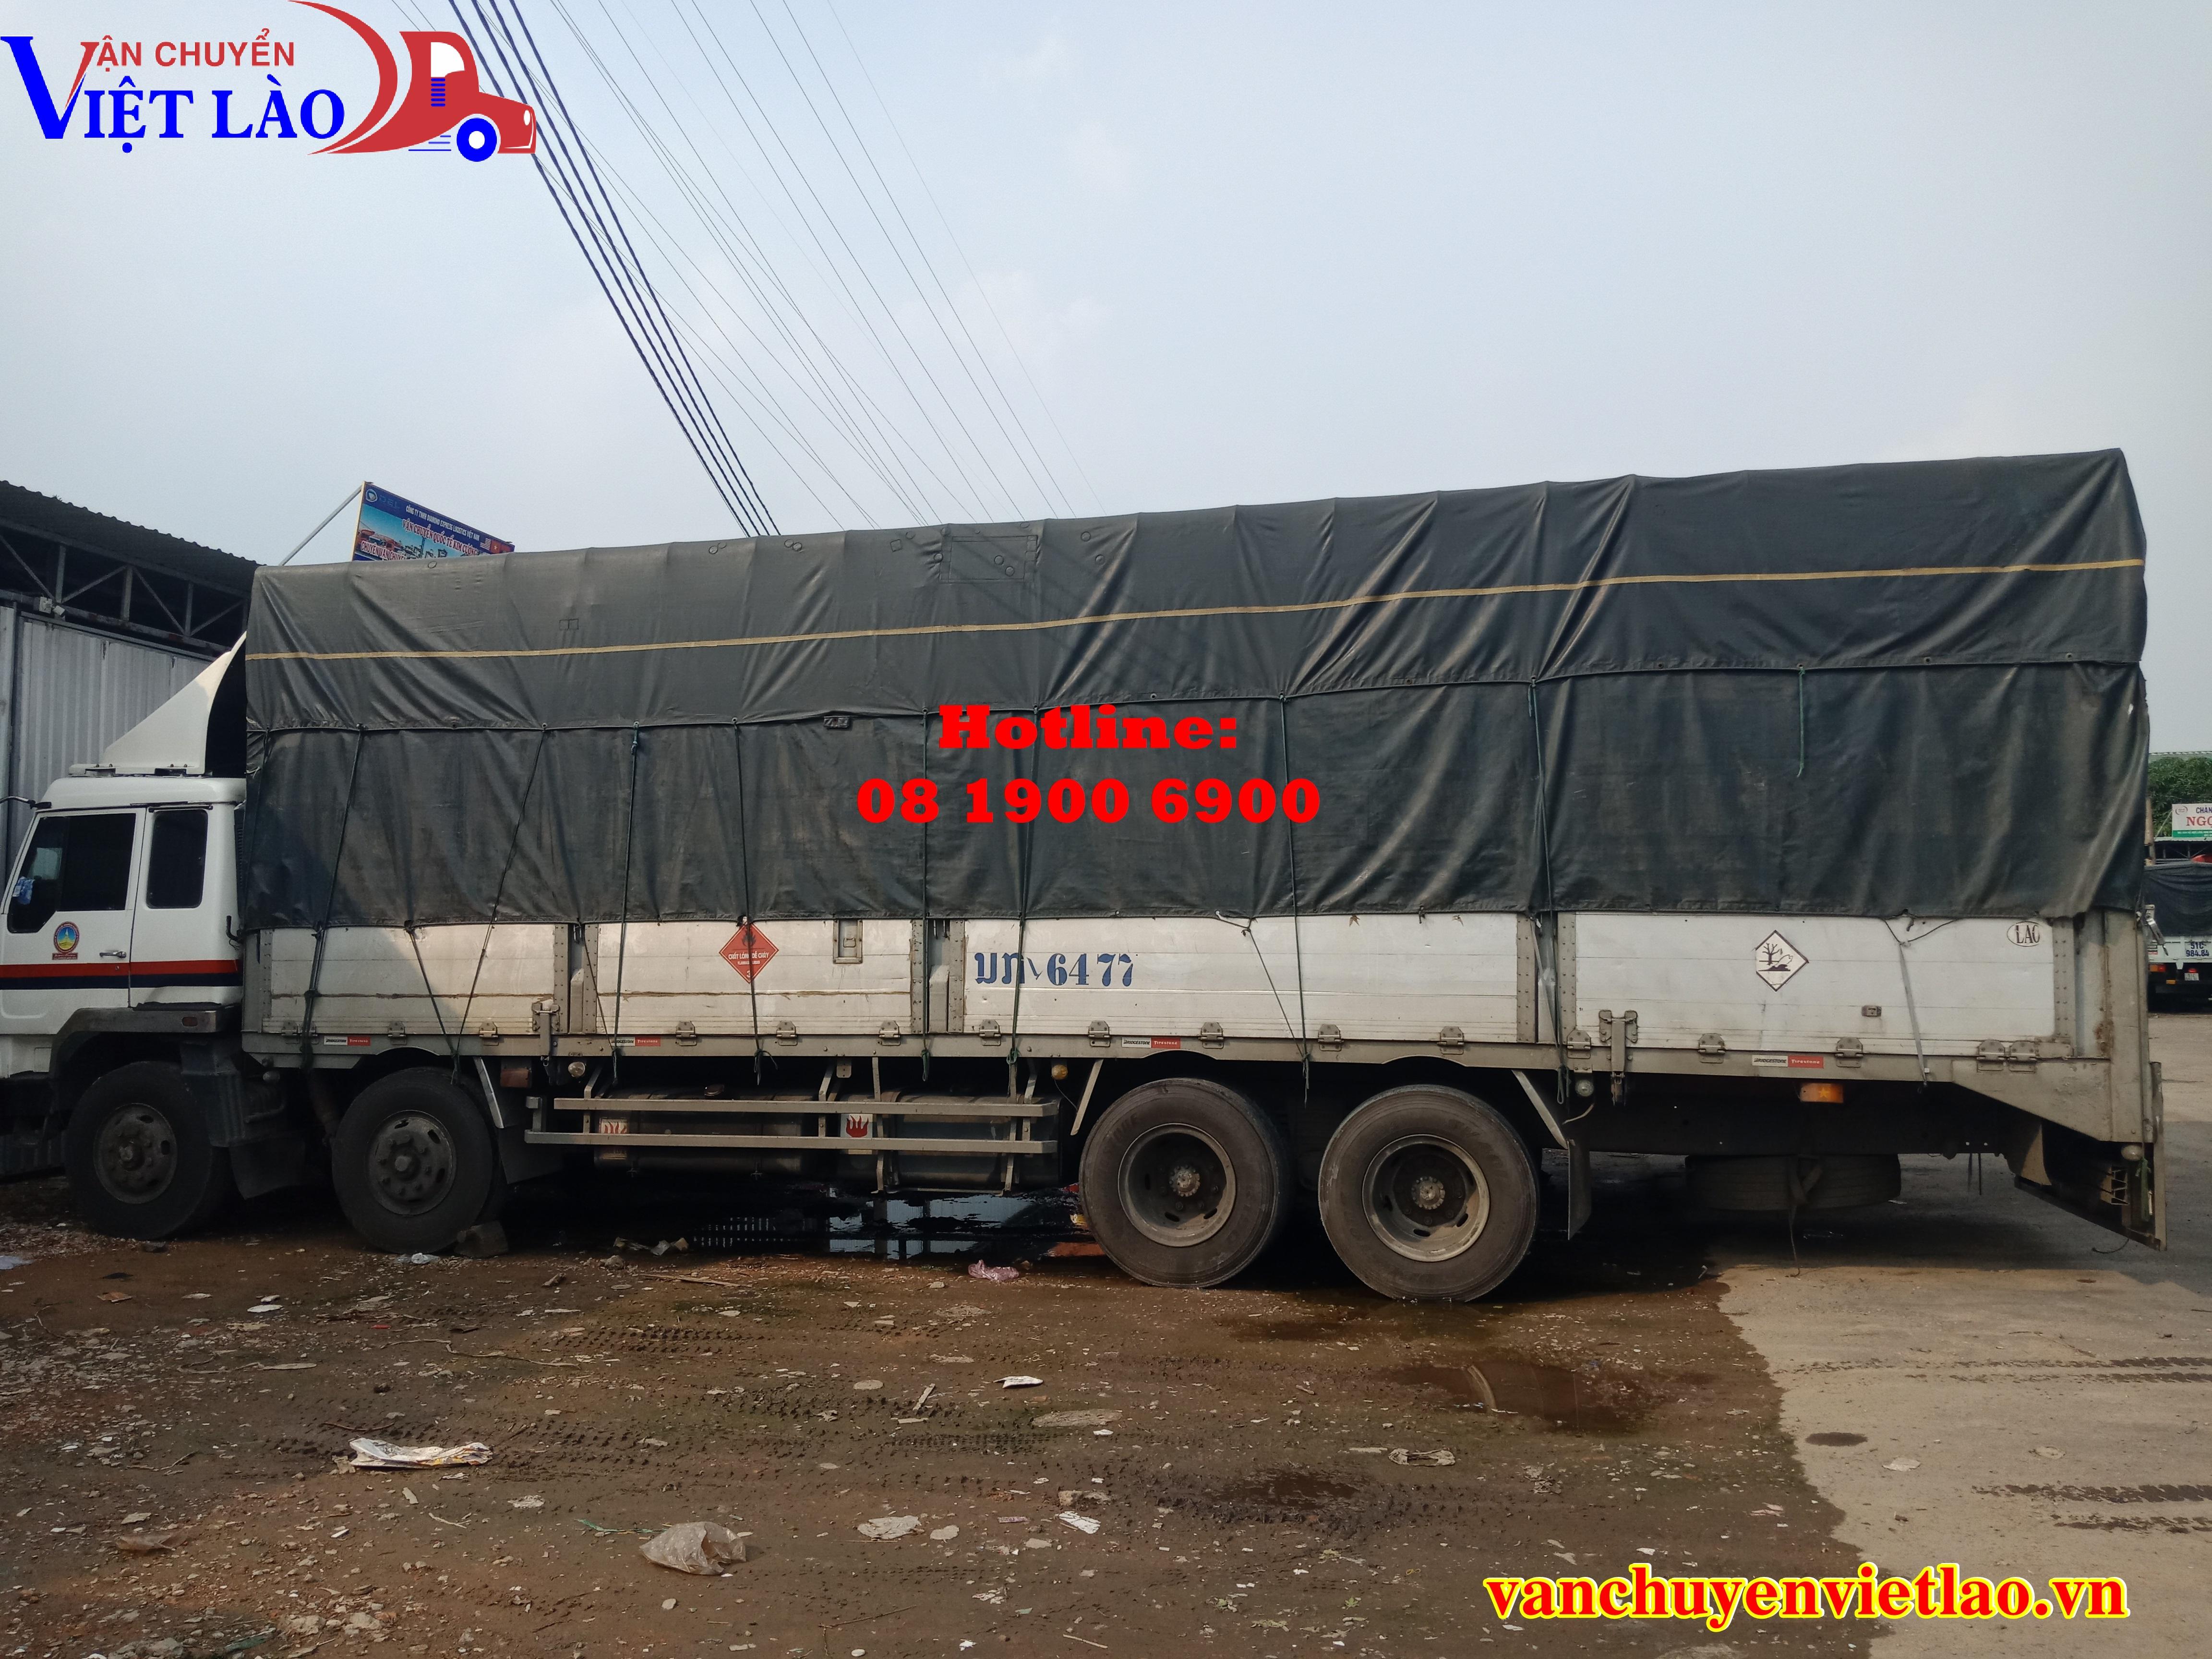 Vận chuyển hàng Hưng Yên - Huaphanh